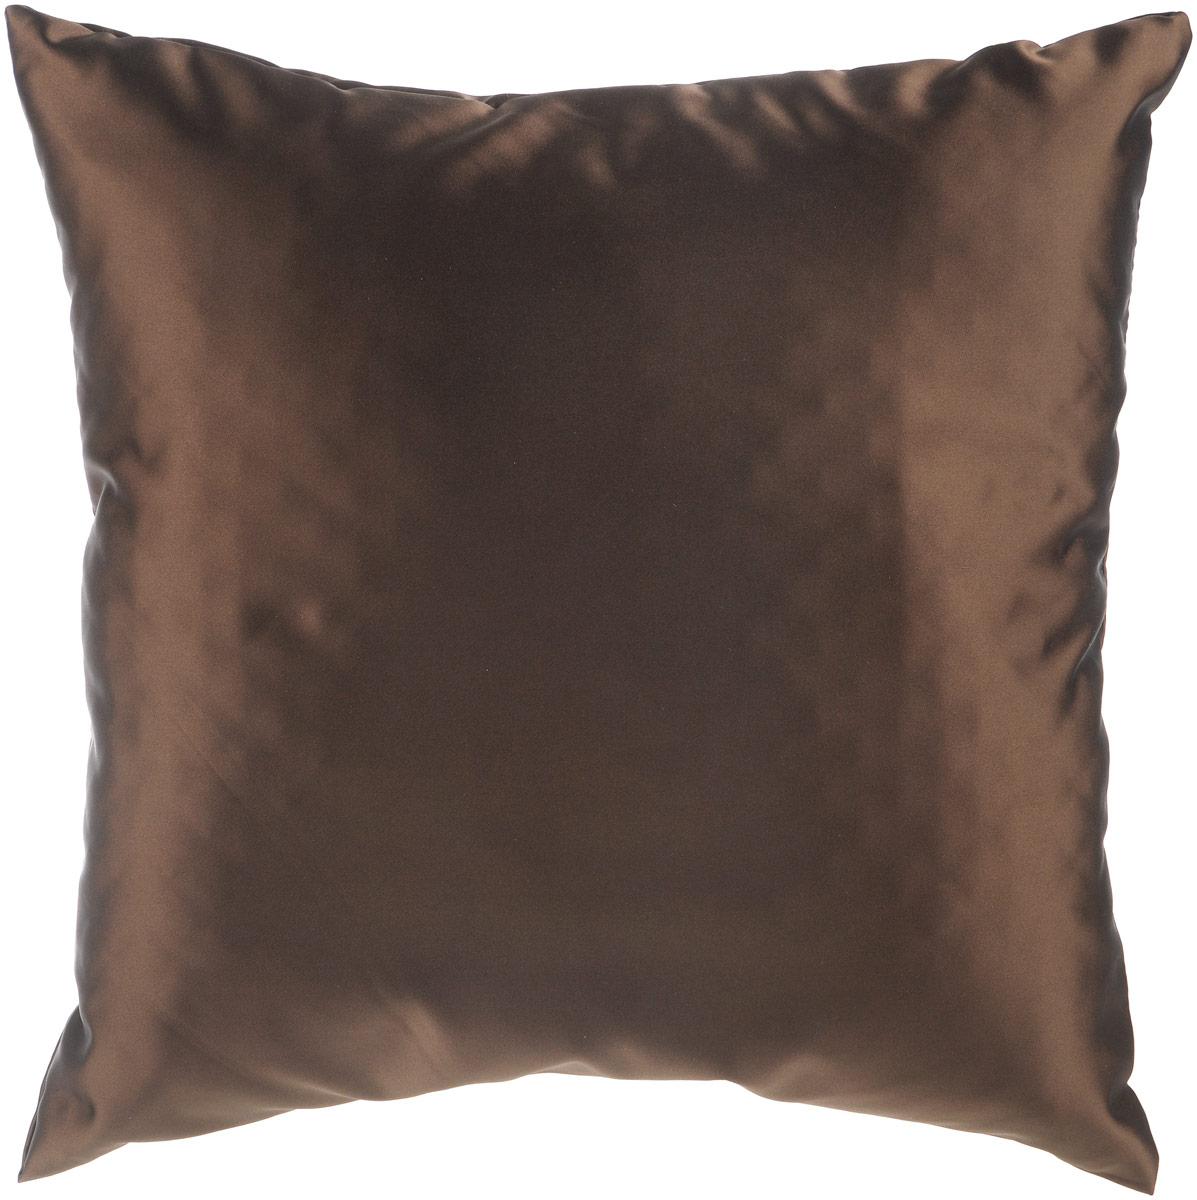 Подушка декоративная KauffOrt Крем, цвет: темно-коричневый, 40 x 40 см3121300635Декоративная подушка Крем прекрасно дополнит интерьер спальни или гостиной. Шелковый на ощупь чехол подушки выполнен из прочного полиэстера. Внутри находится мягкий наполнитель. Чехол легко снимается благодаря потайной молнии.Красивая подушка создаст атмосферу уюта и комфорта в спальне и станет прекрасным элементом декора.